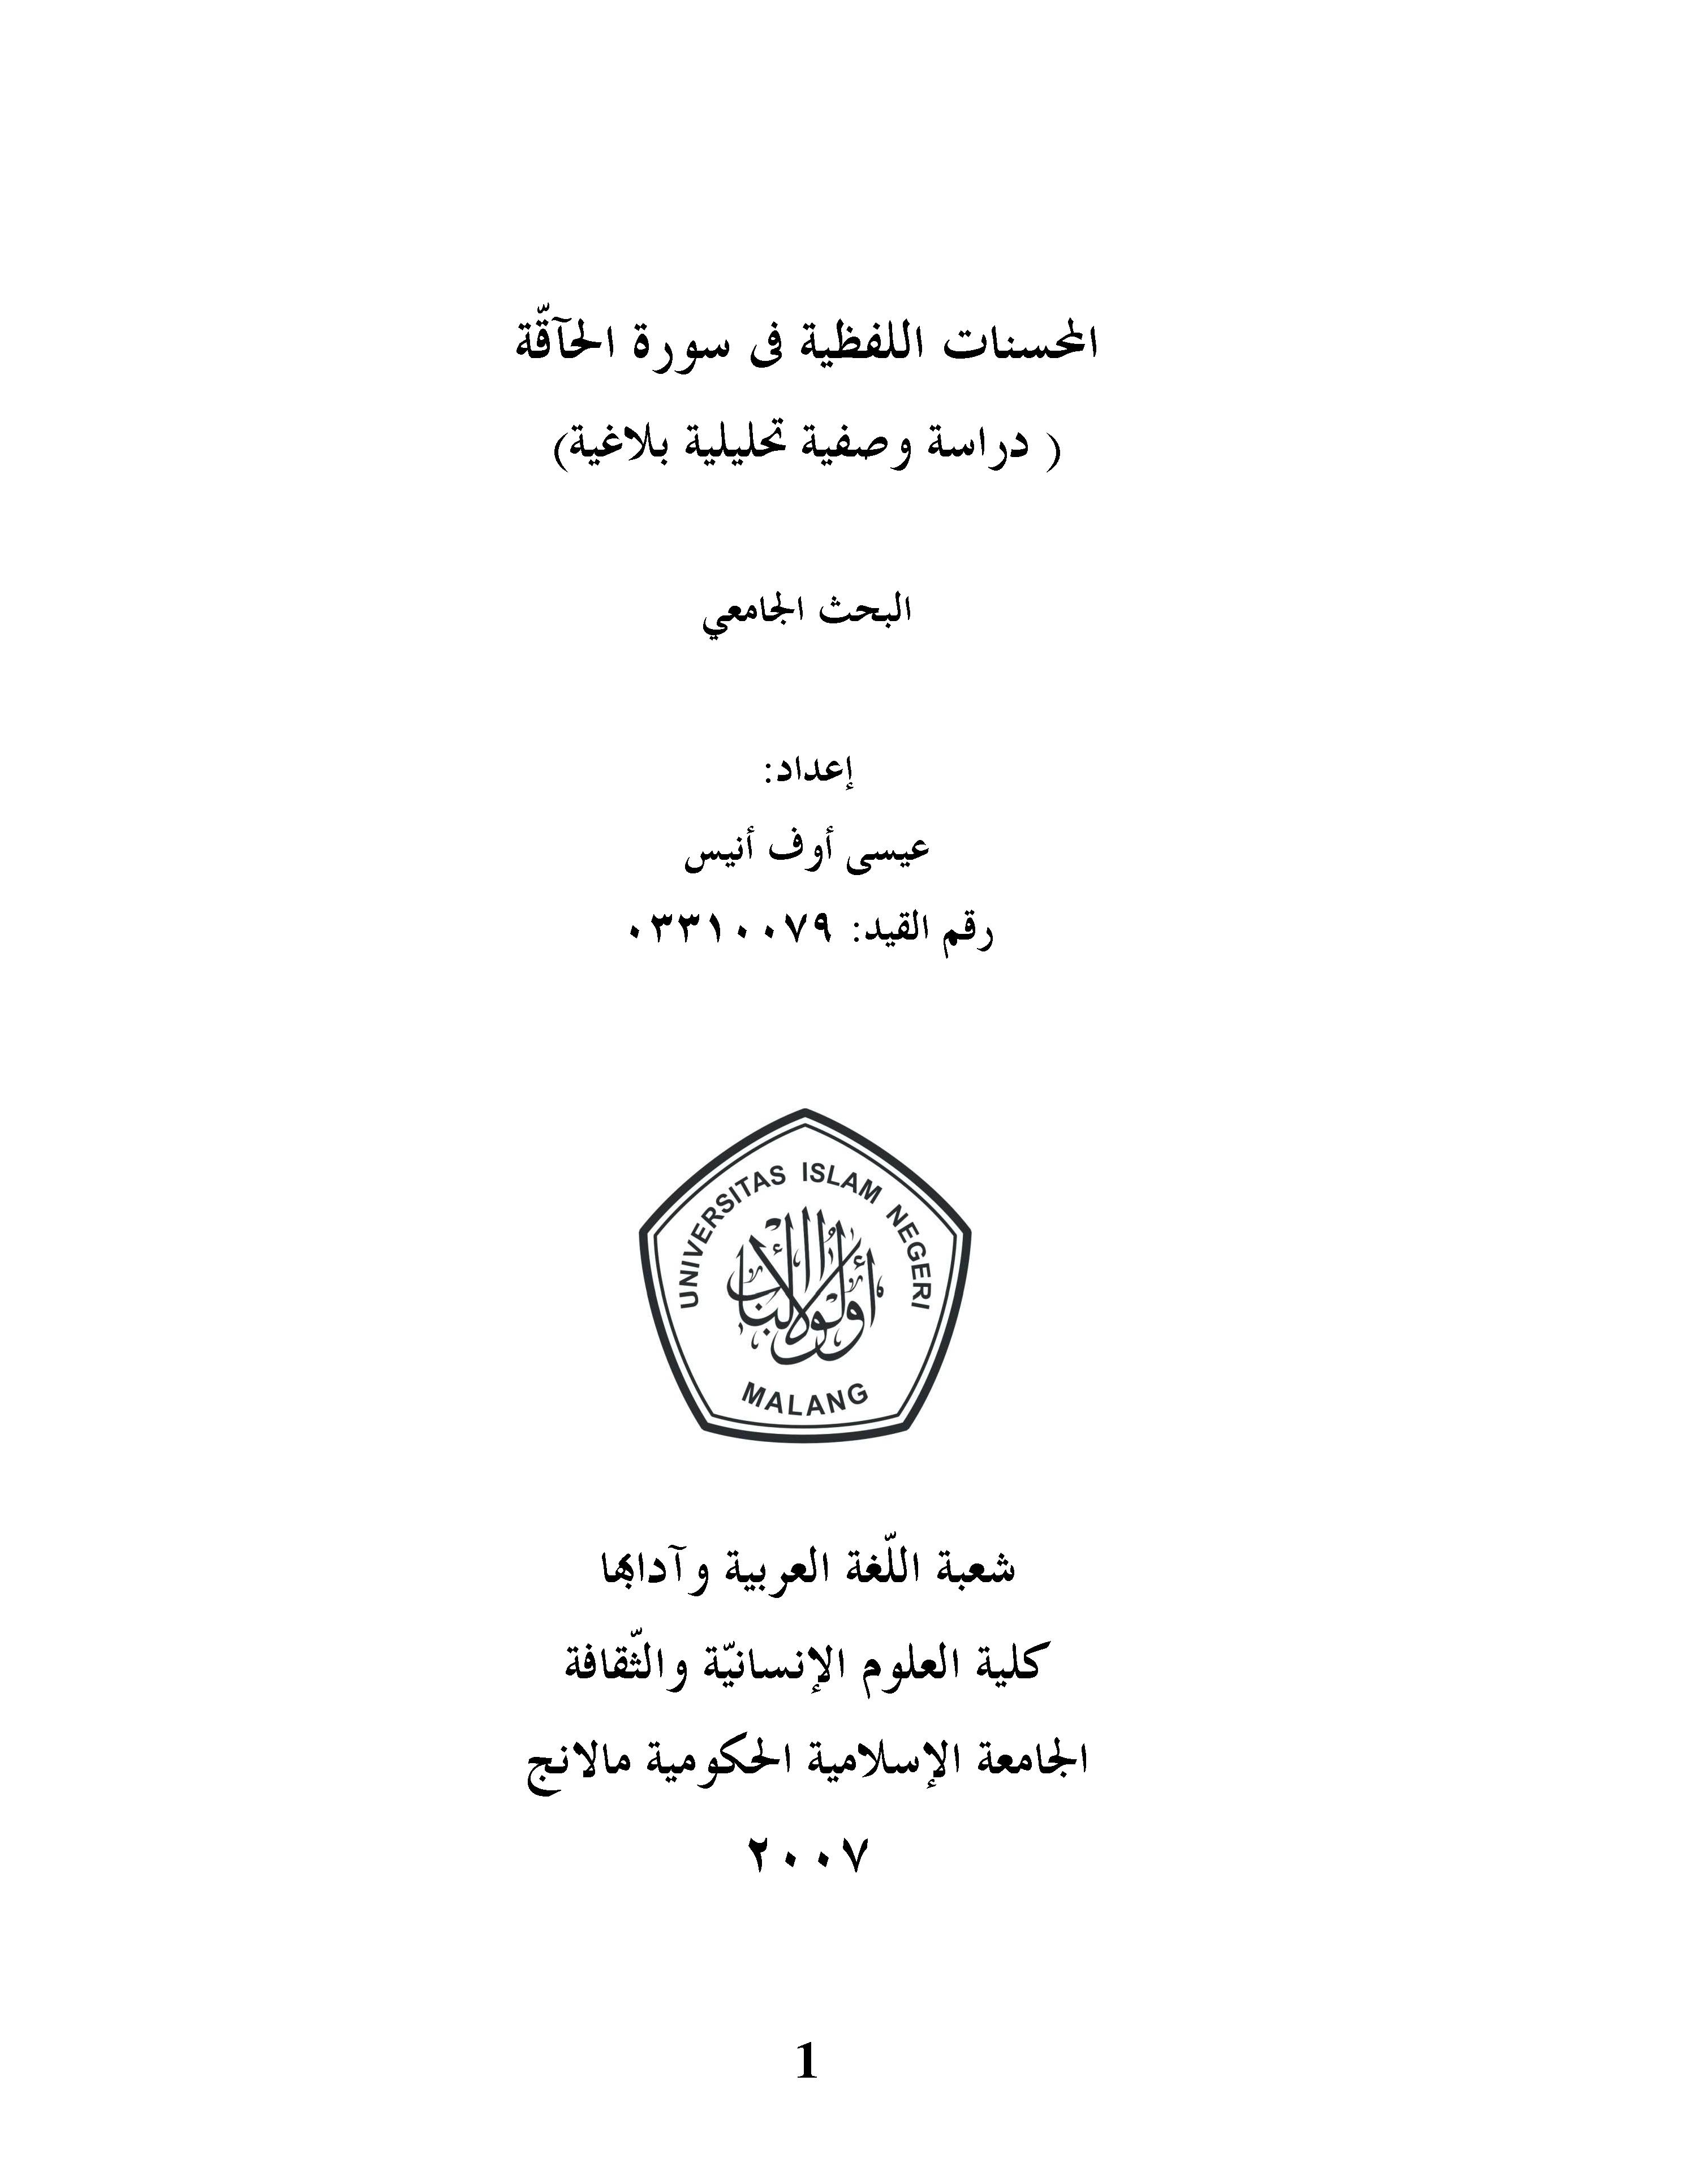 تحميل كتاب المحسنات اللفظية في سورة الحاقة (دراسة وصفية تحليلية بلاغية) لـِ: عيسى أوف أنيس